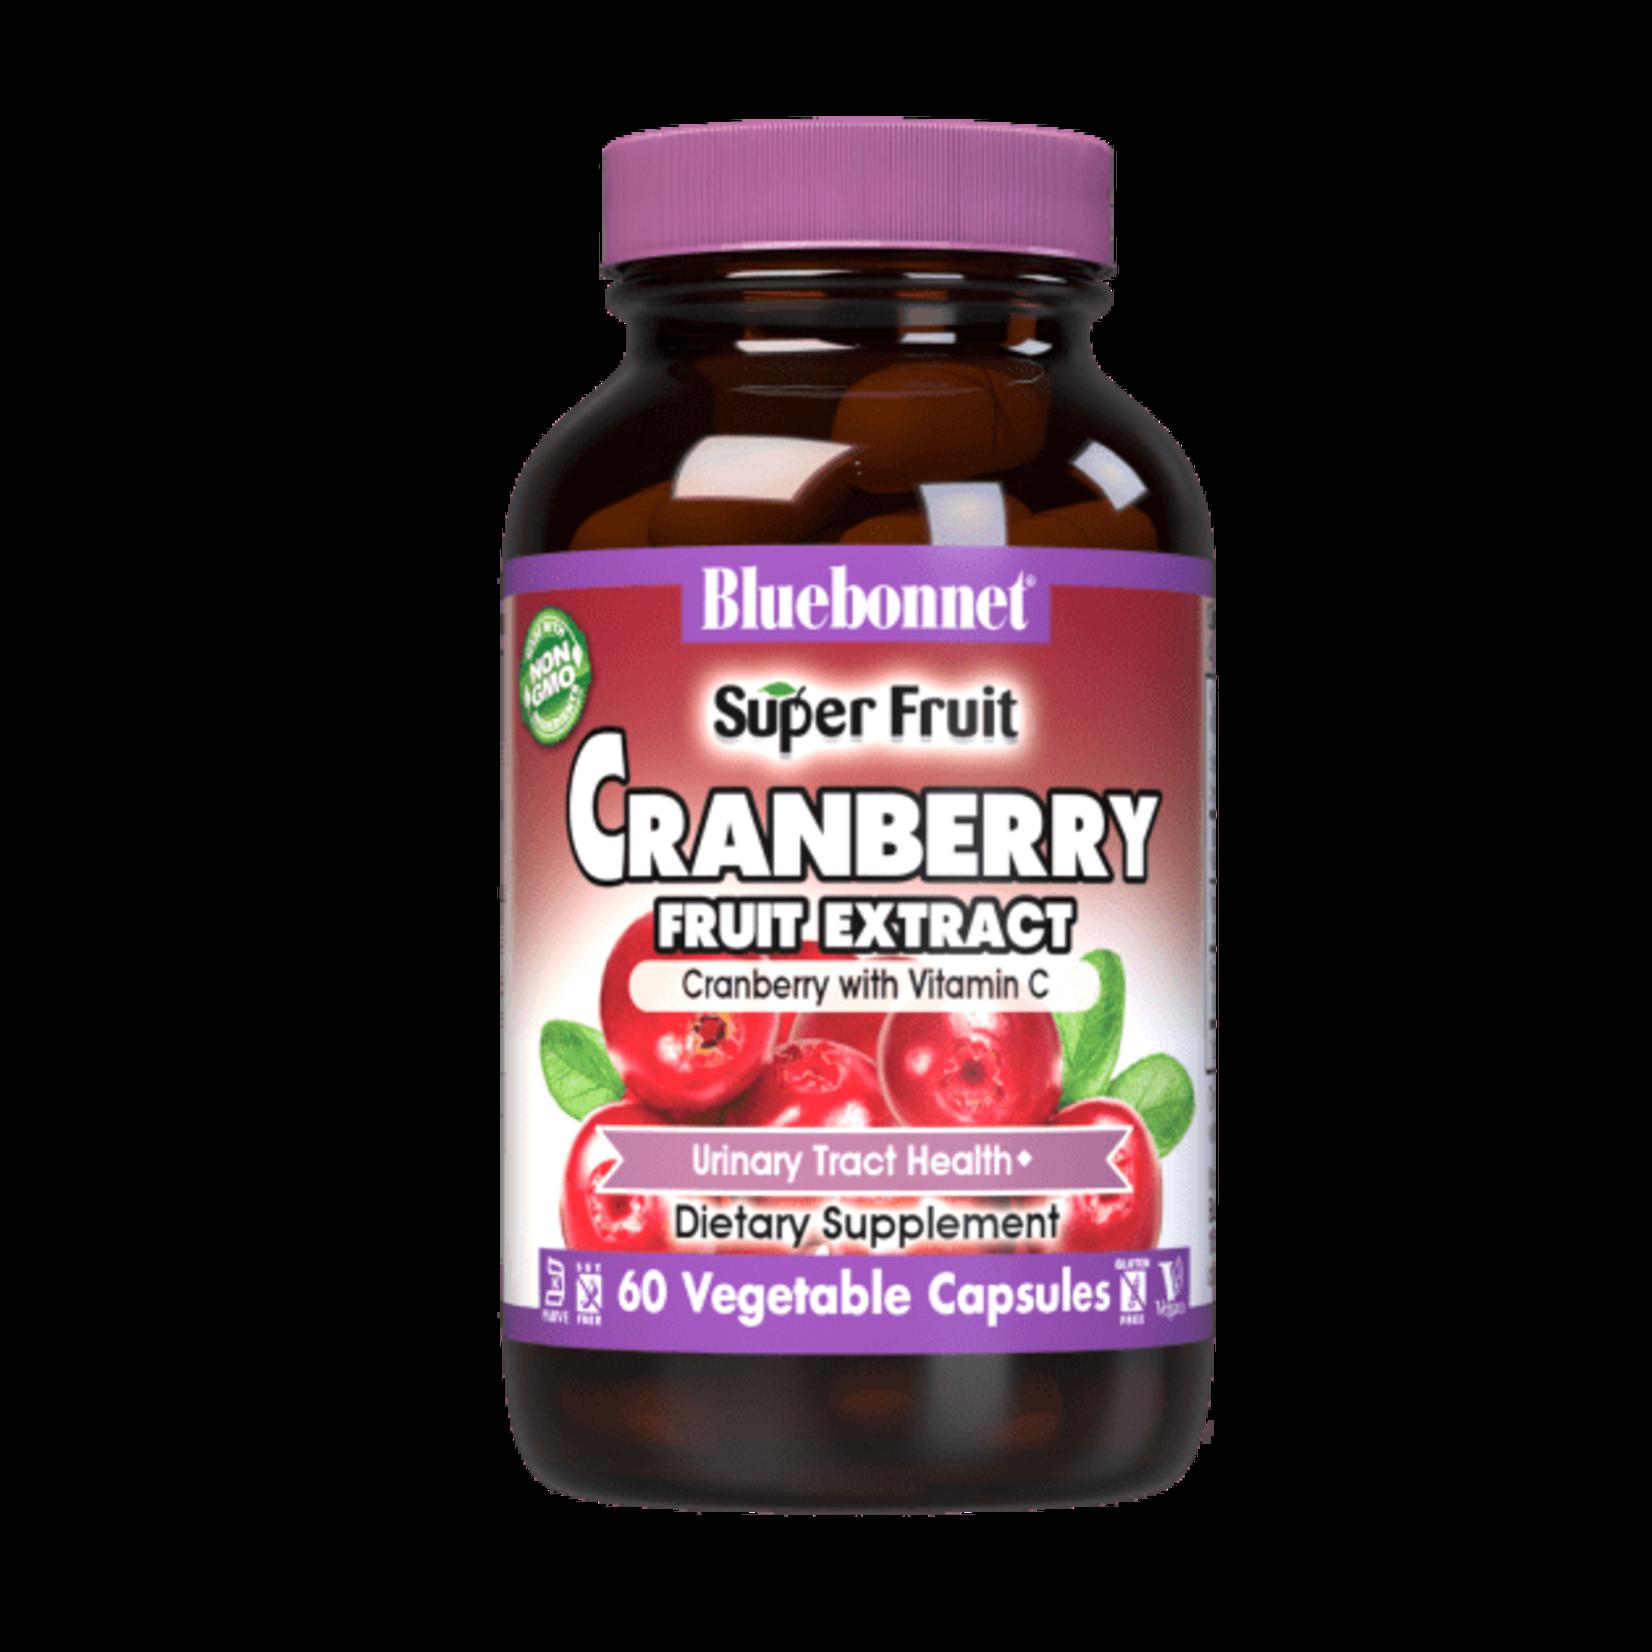 BlueBonnet Bluebonnet Cranberry Fruit Extract w/Vit C 60ct